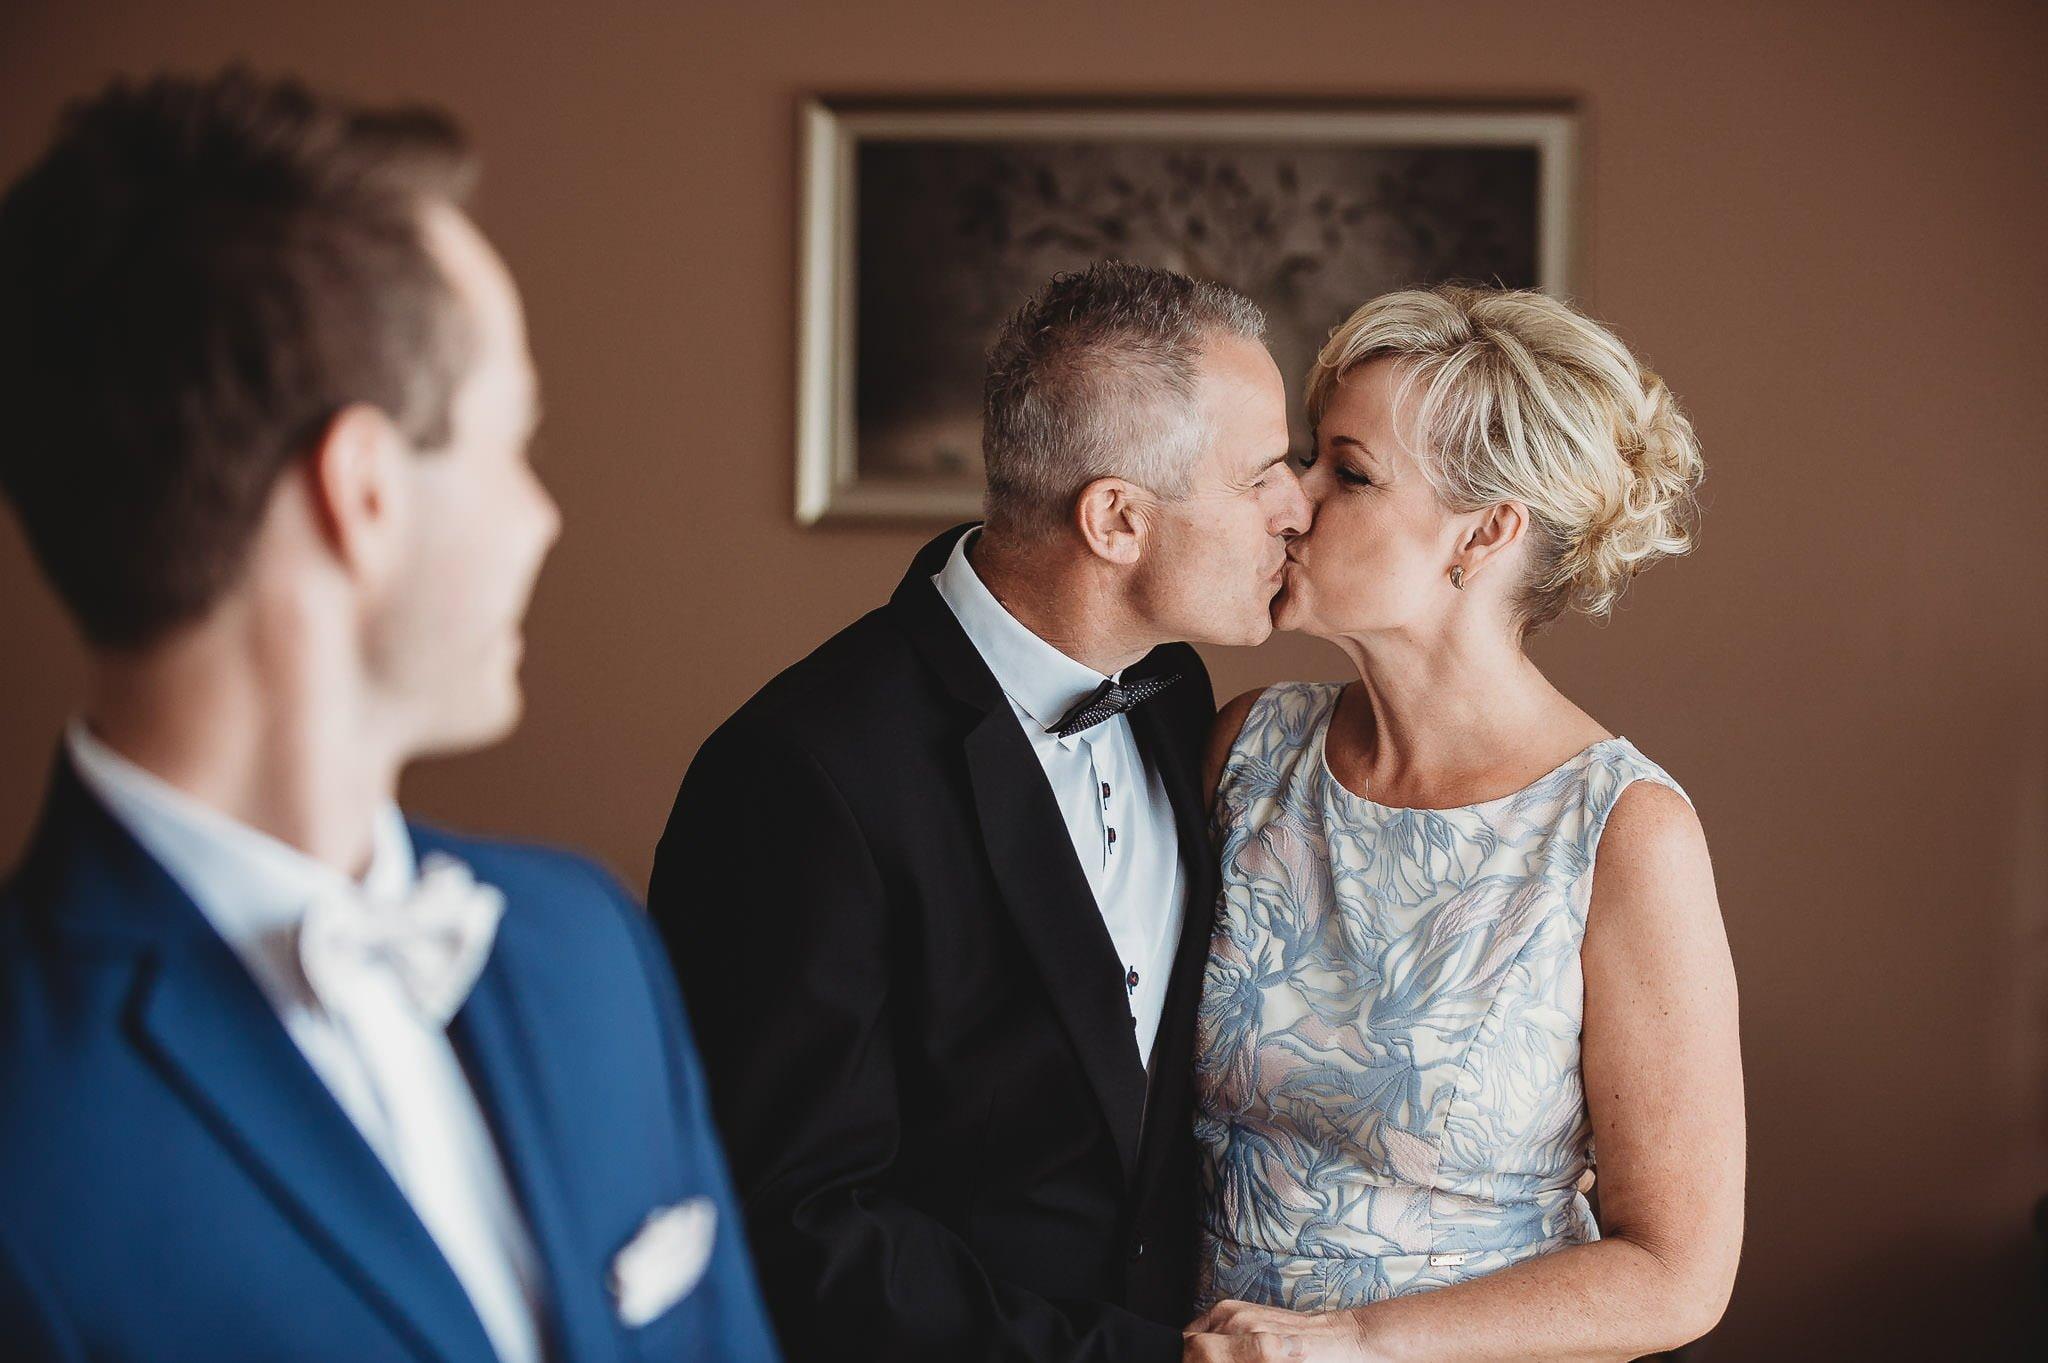 Angelika i Michał, piękne zdjęcia ślubne i sesja plenerowa w Gołuchowie 15